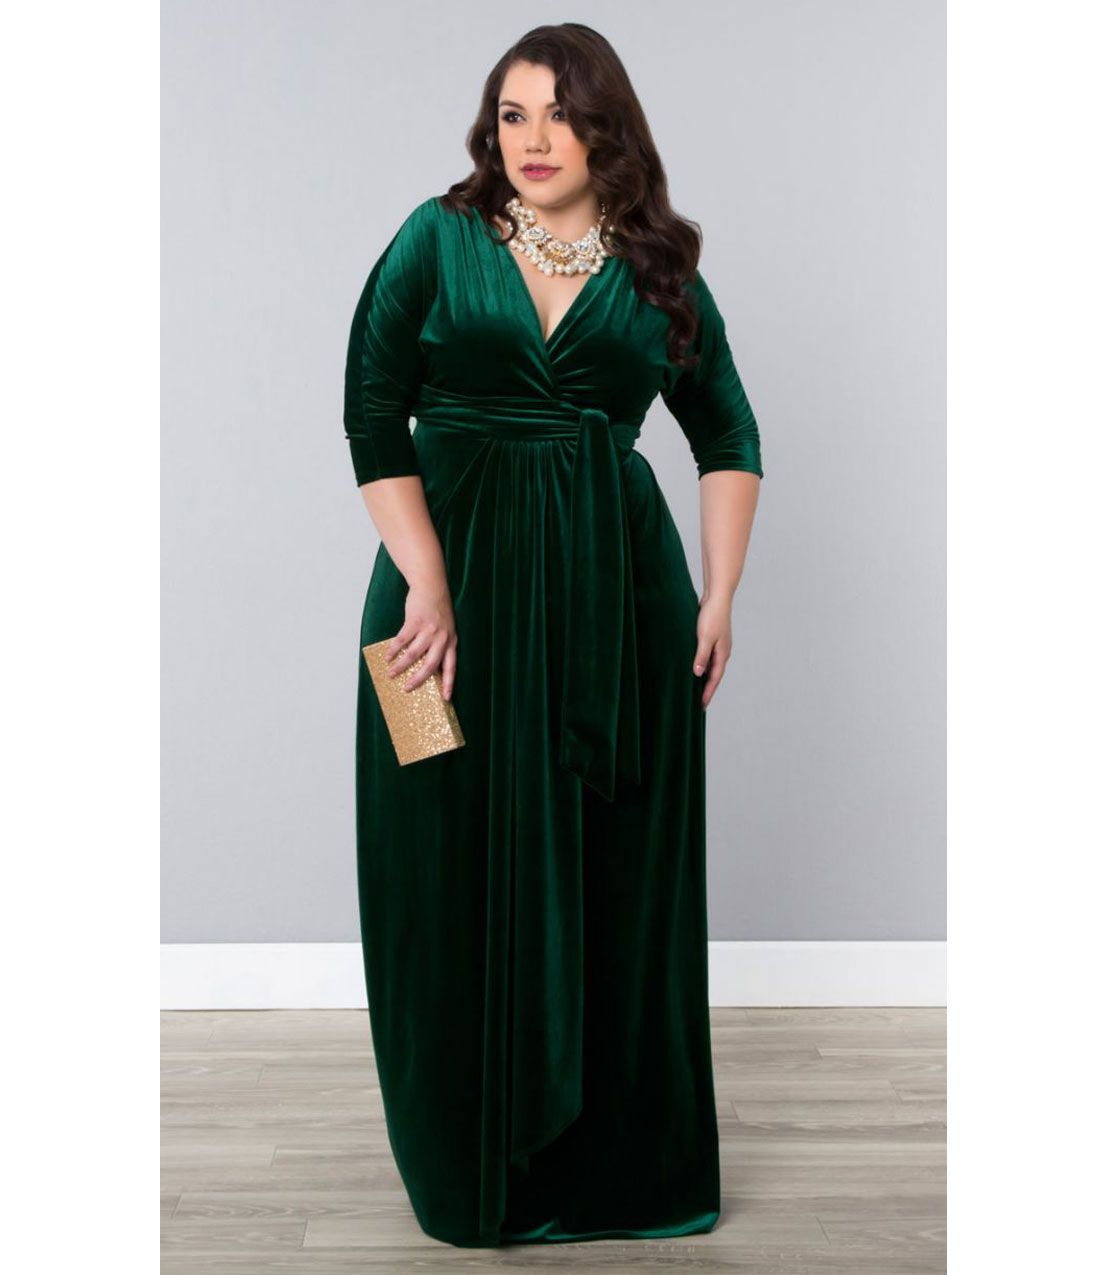 Green Velvet Dress Plus Size